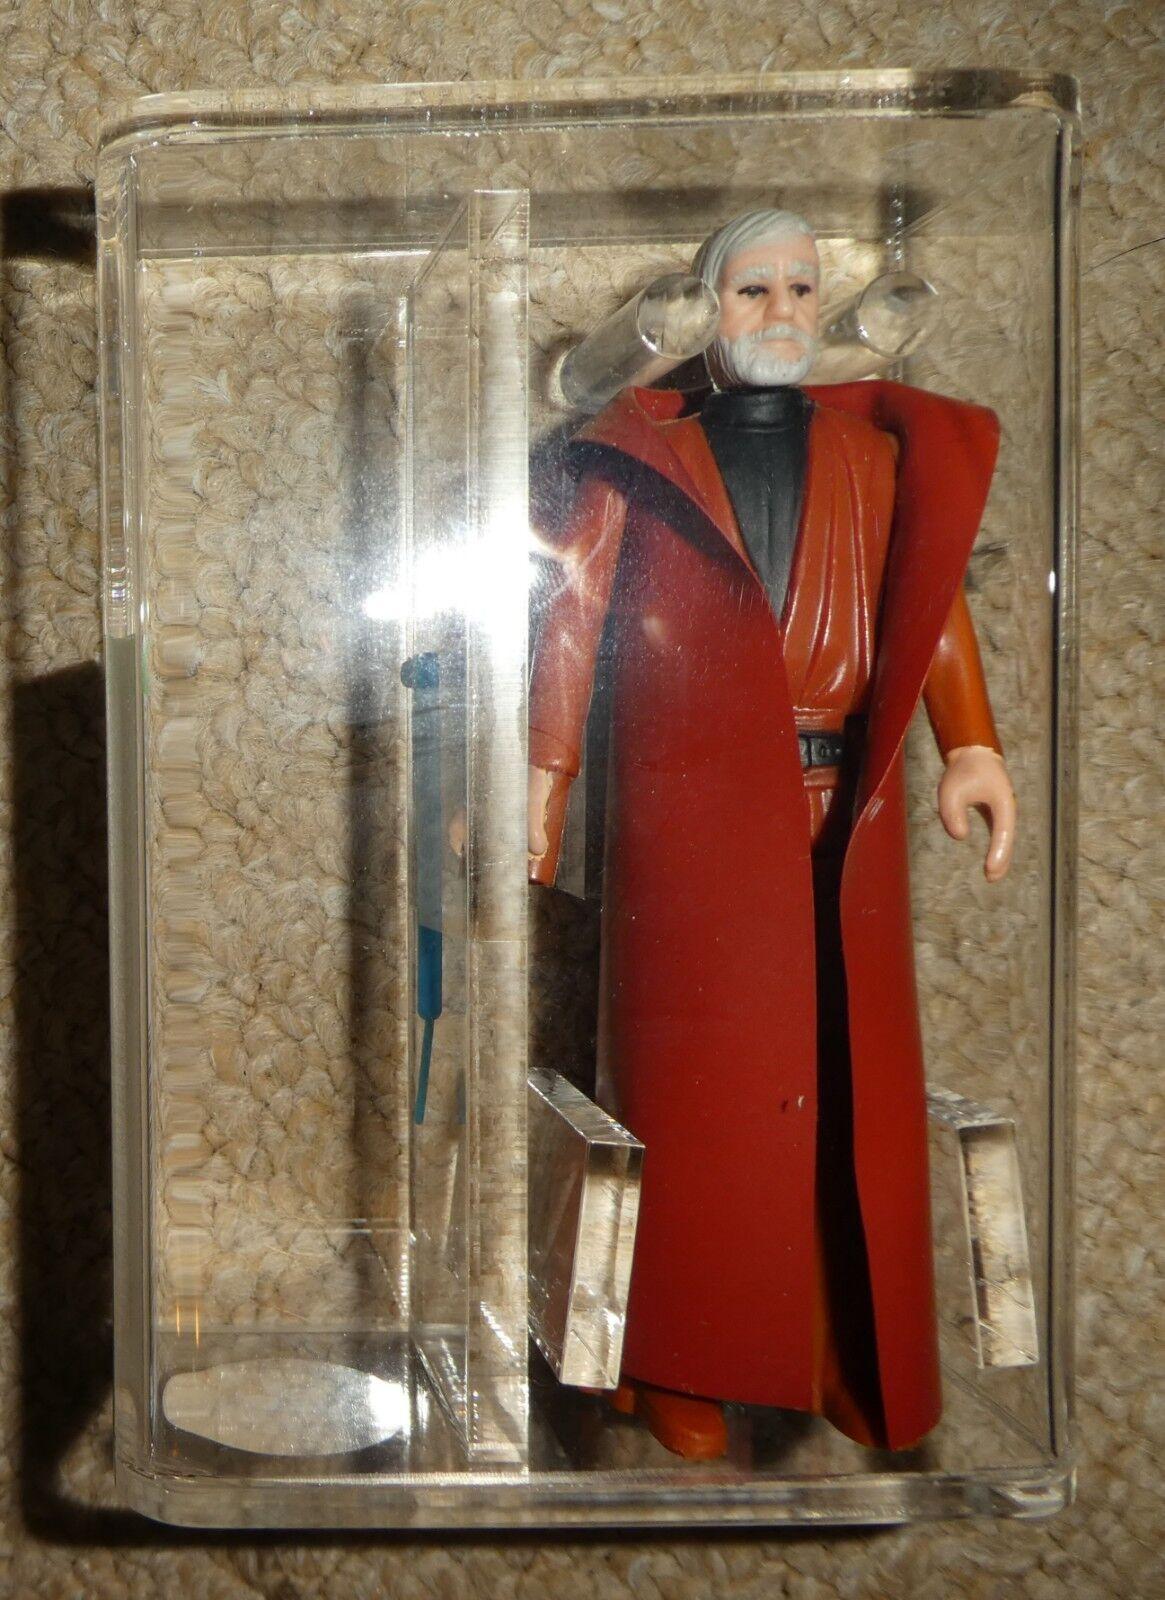 De colección Guerra de las Galaxias Obi Wan Kenobi AFA 80 casi como nuevo 1977 HK Kenner Figura de cabello gris oscuro